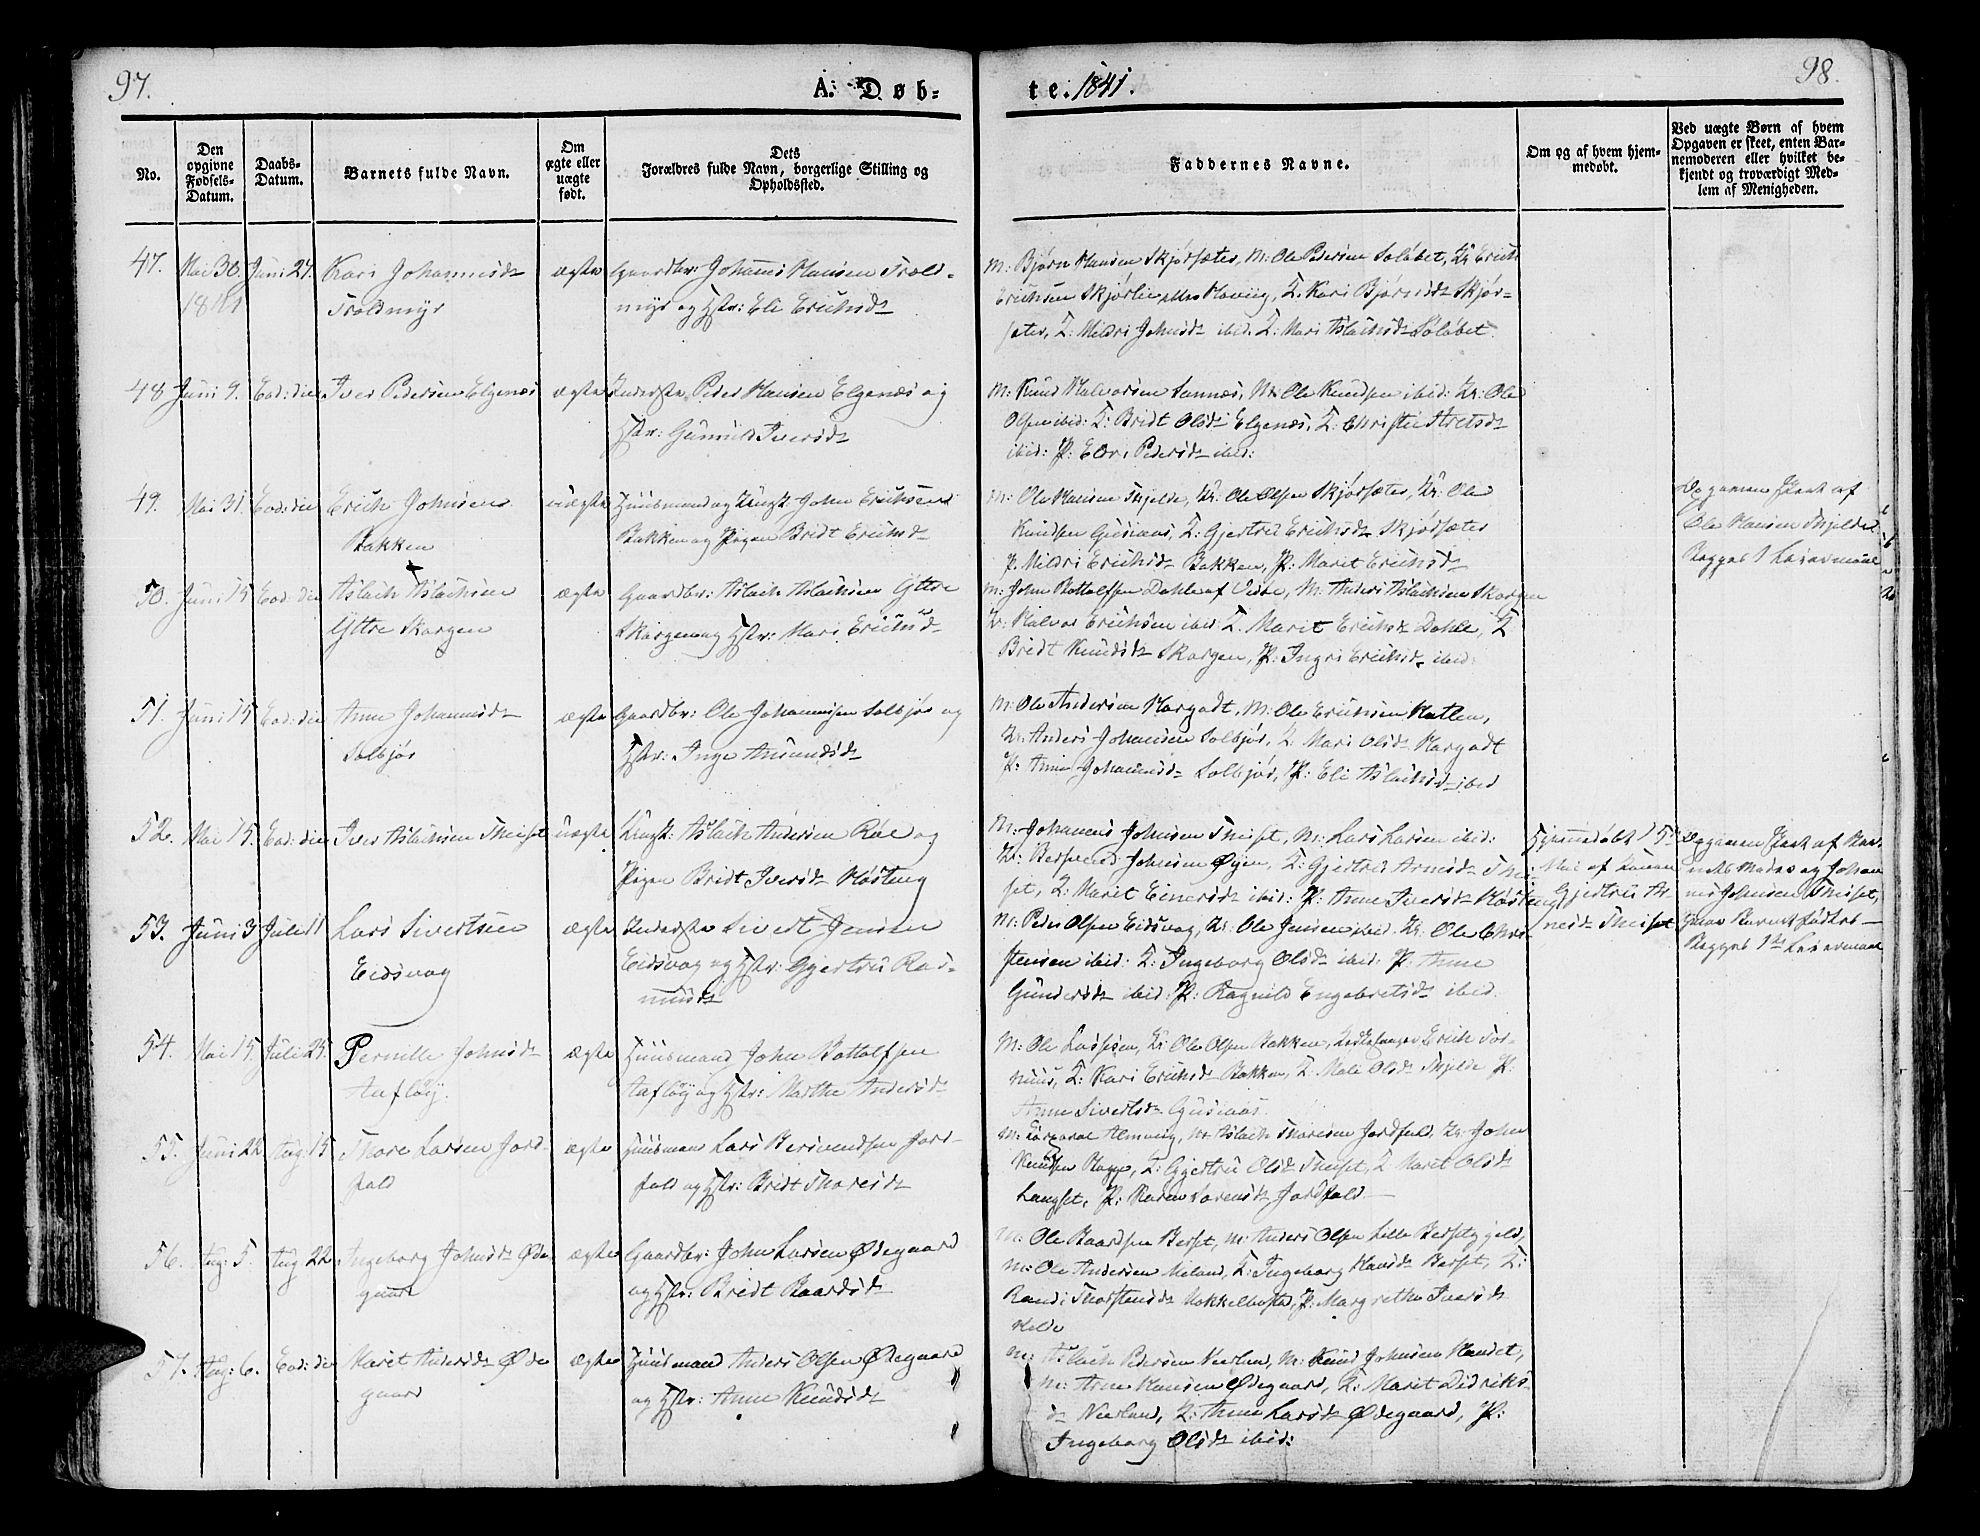 SAT, Ministerialprotokoller, klokkerbøker og fødselsregistre - Møre og Romsdal, 551/L0624: Ministerialbok nr. 551A04, 1831-1845, s. 97-98